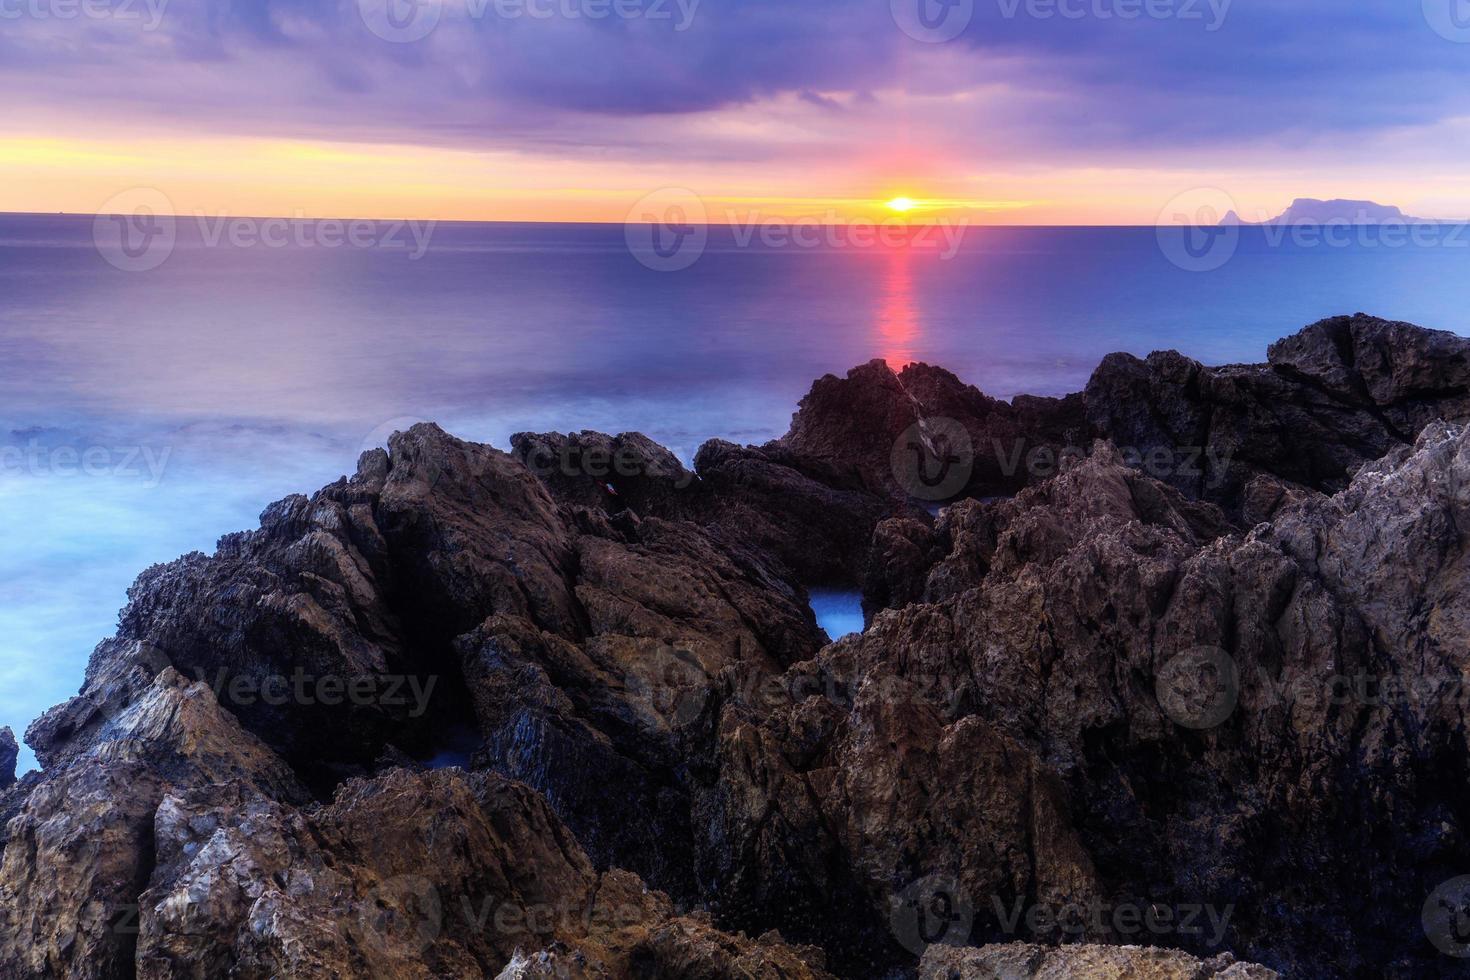 lever du soleil sur la côte photo